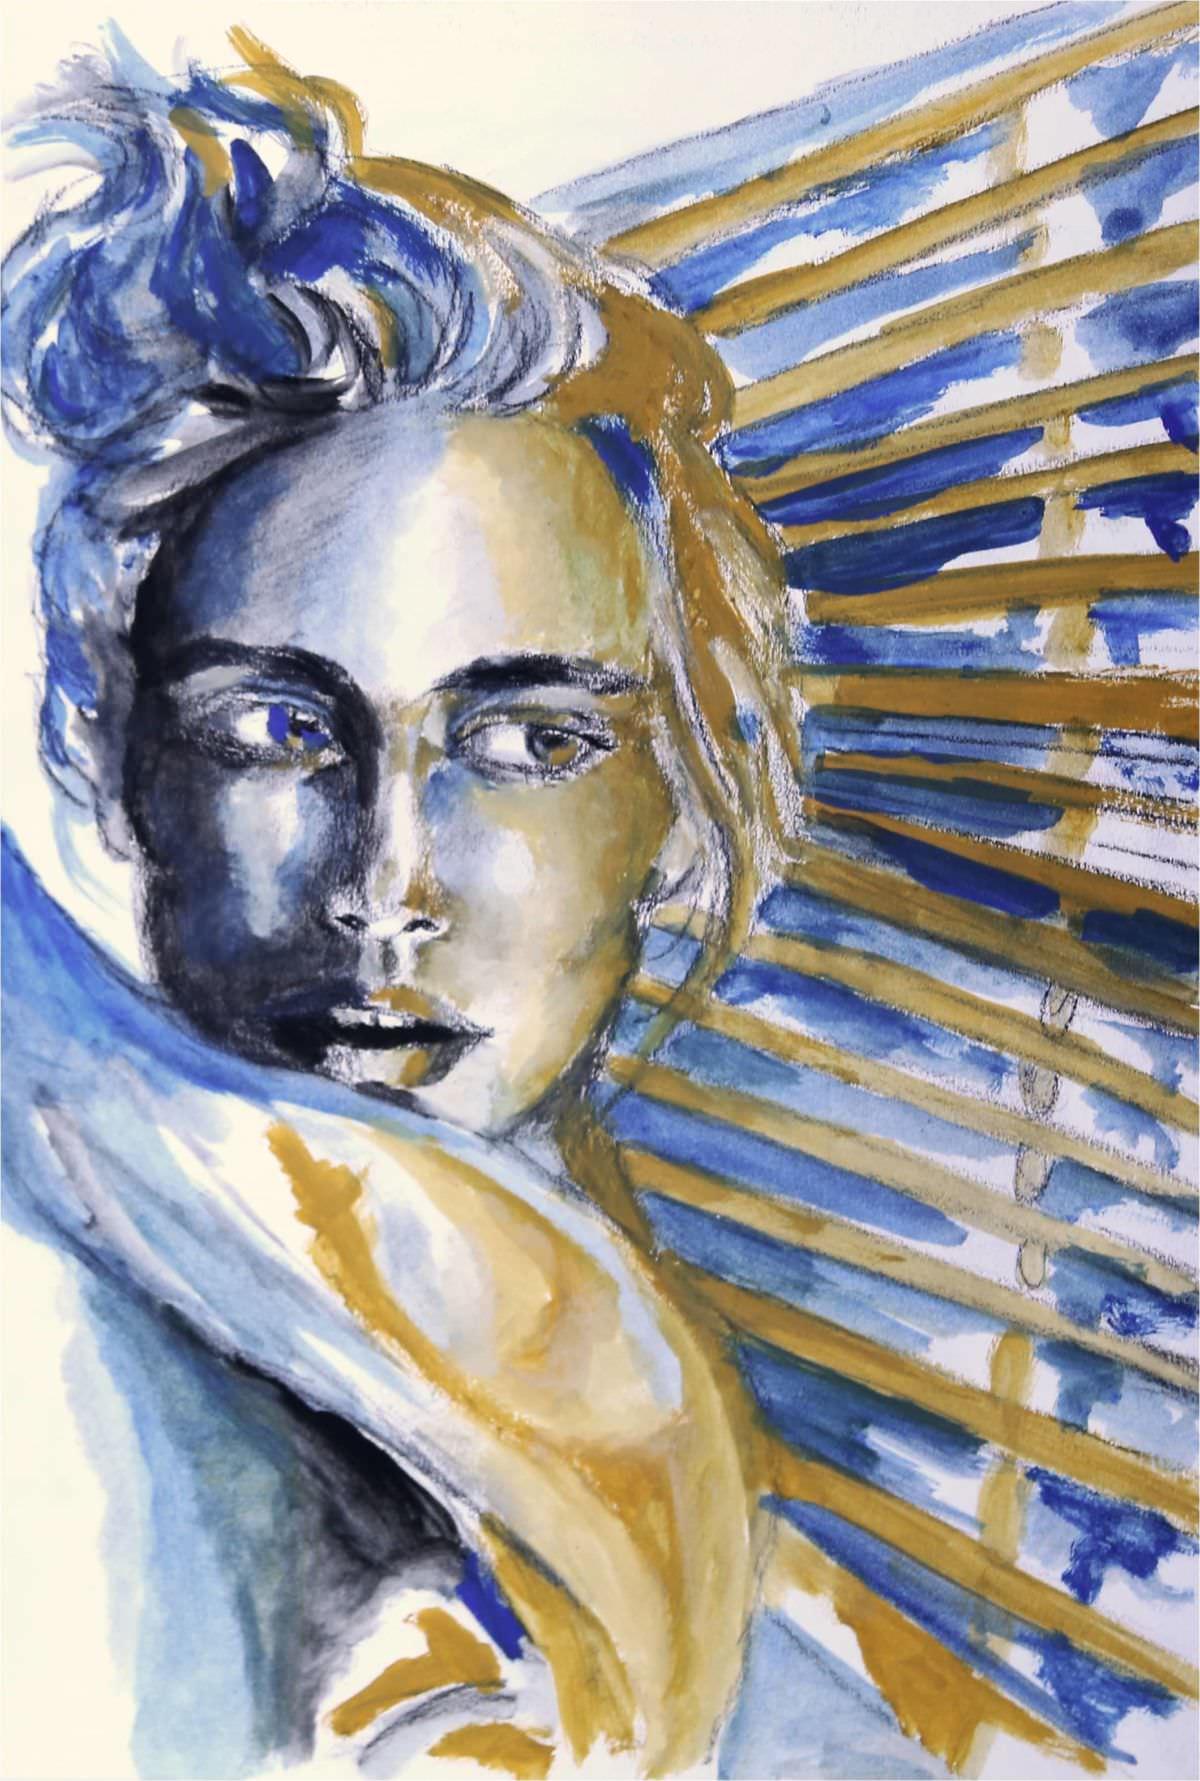 Waiting - Samantha Gandin